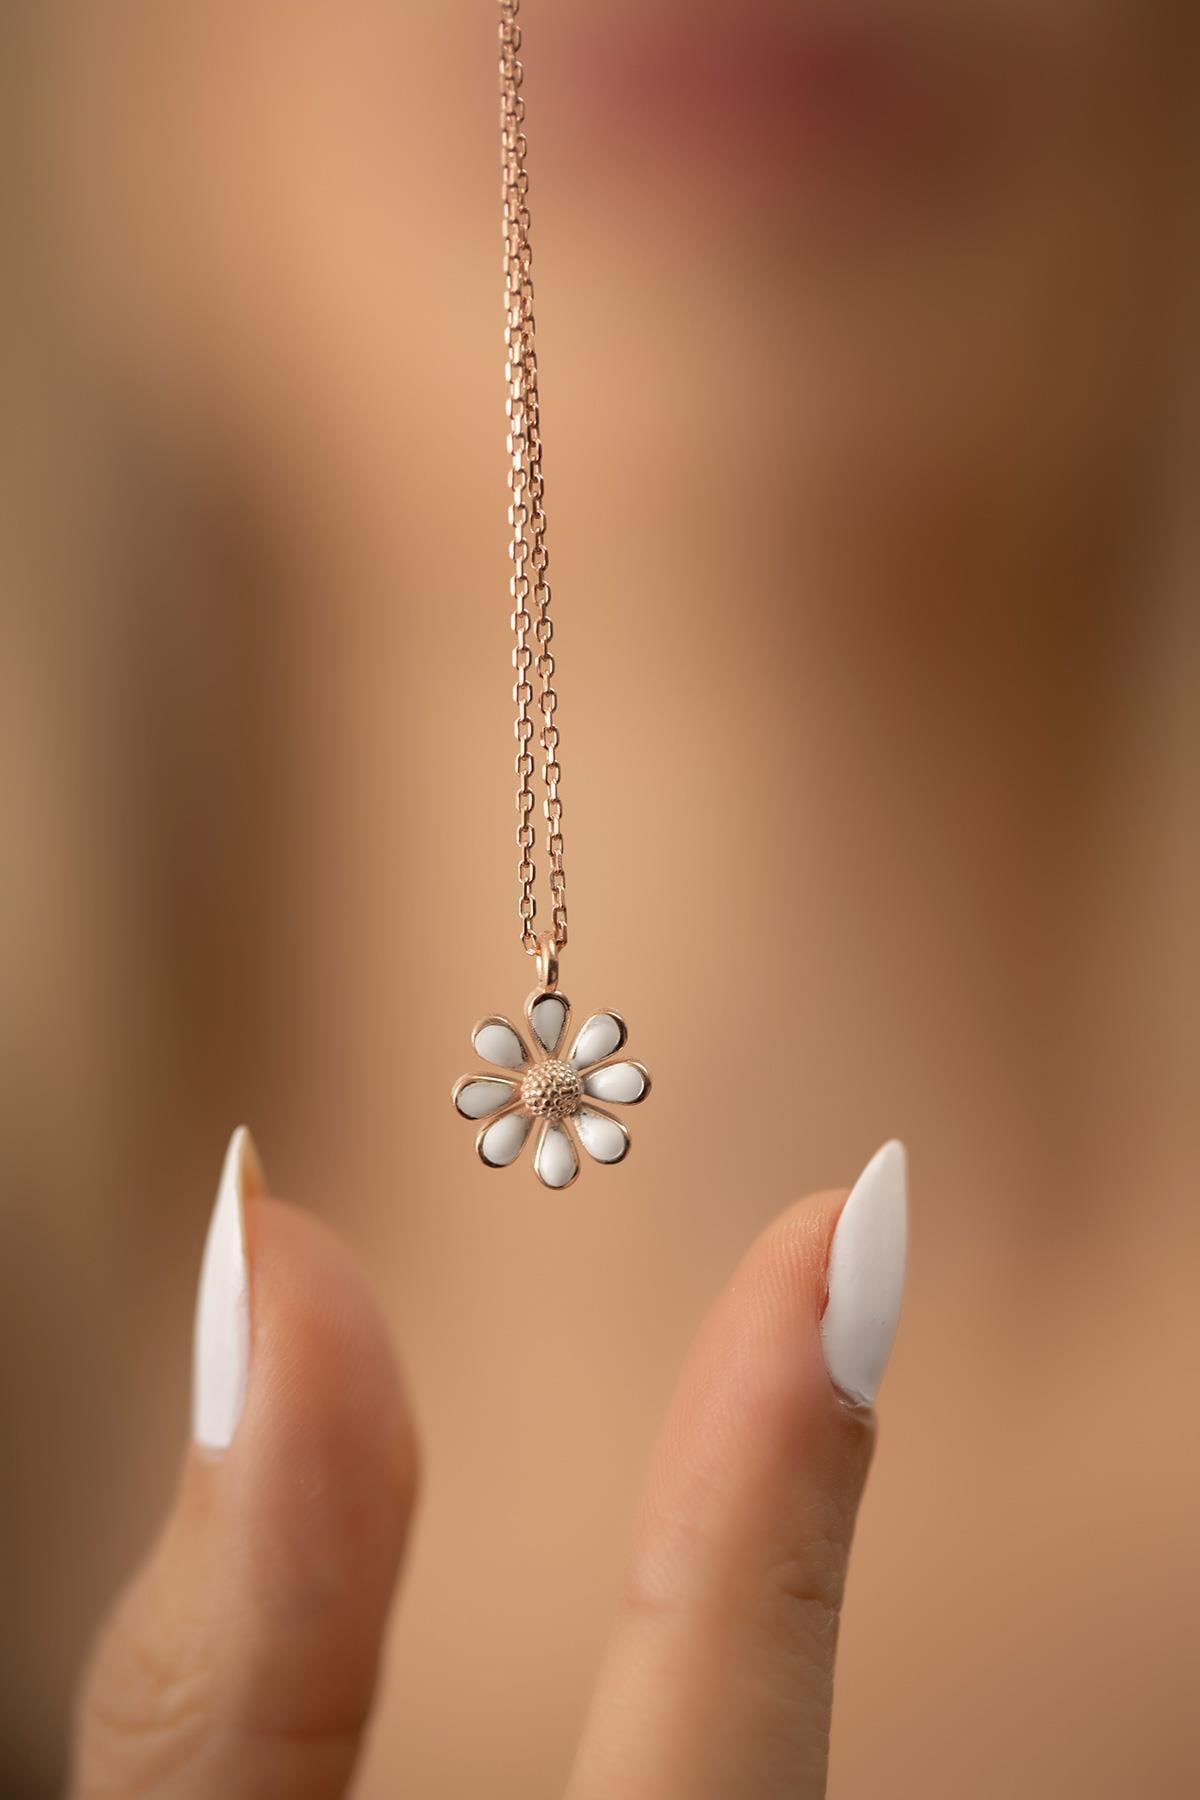 İzla Design Papatya Model Rodyum Kaplama Gümüş Italyan Muhteşem Kolye